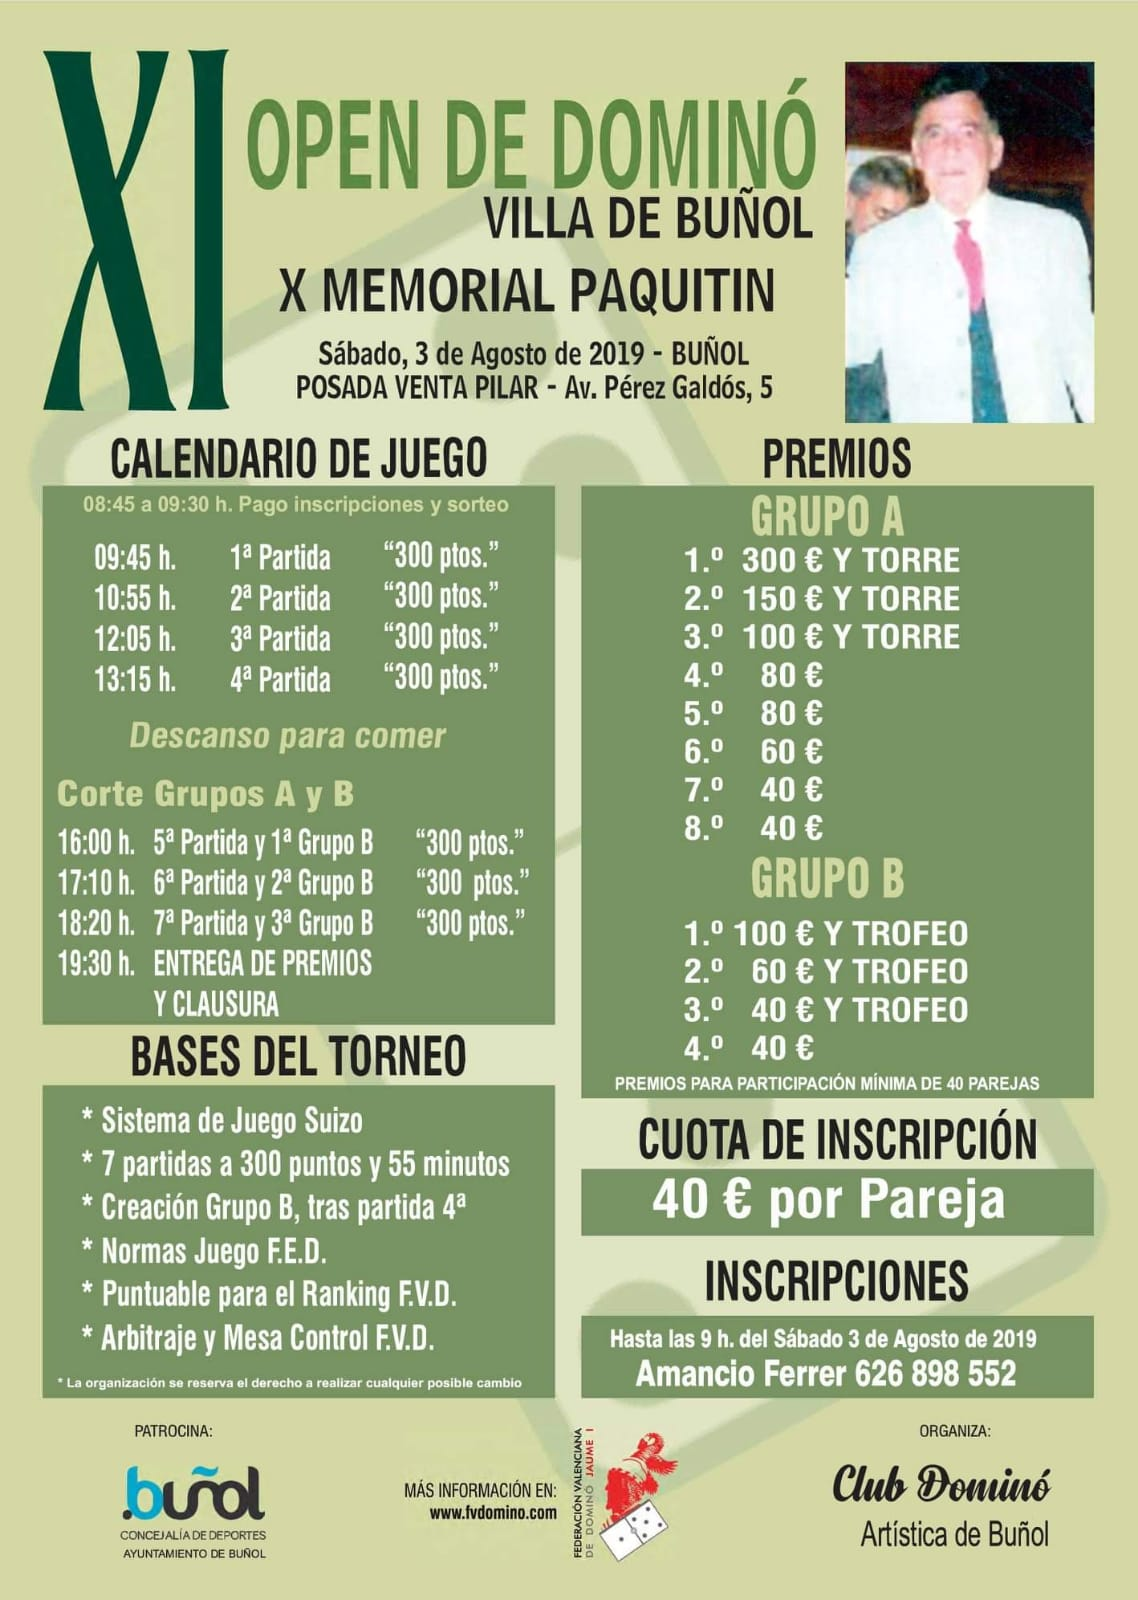 Buñol acogerá el próximo 3 de agosto el XI open de dominó Villa de Buñol X memorial a Paquitín